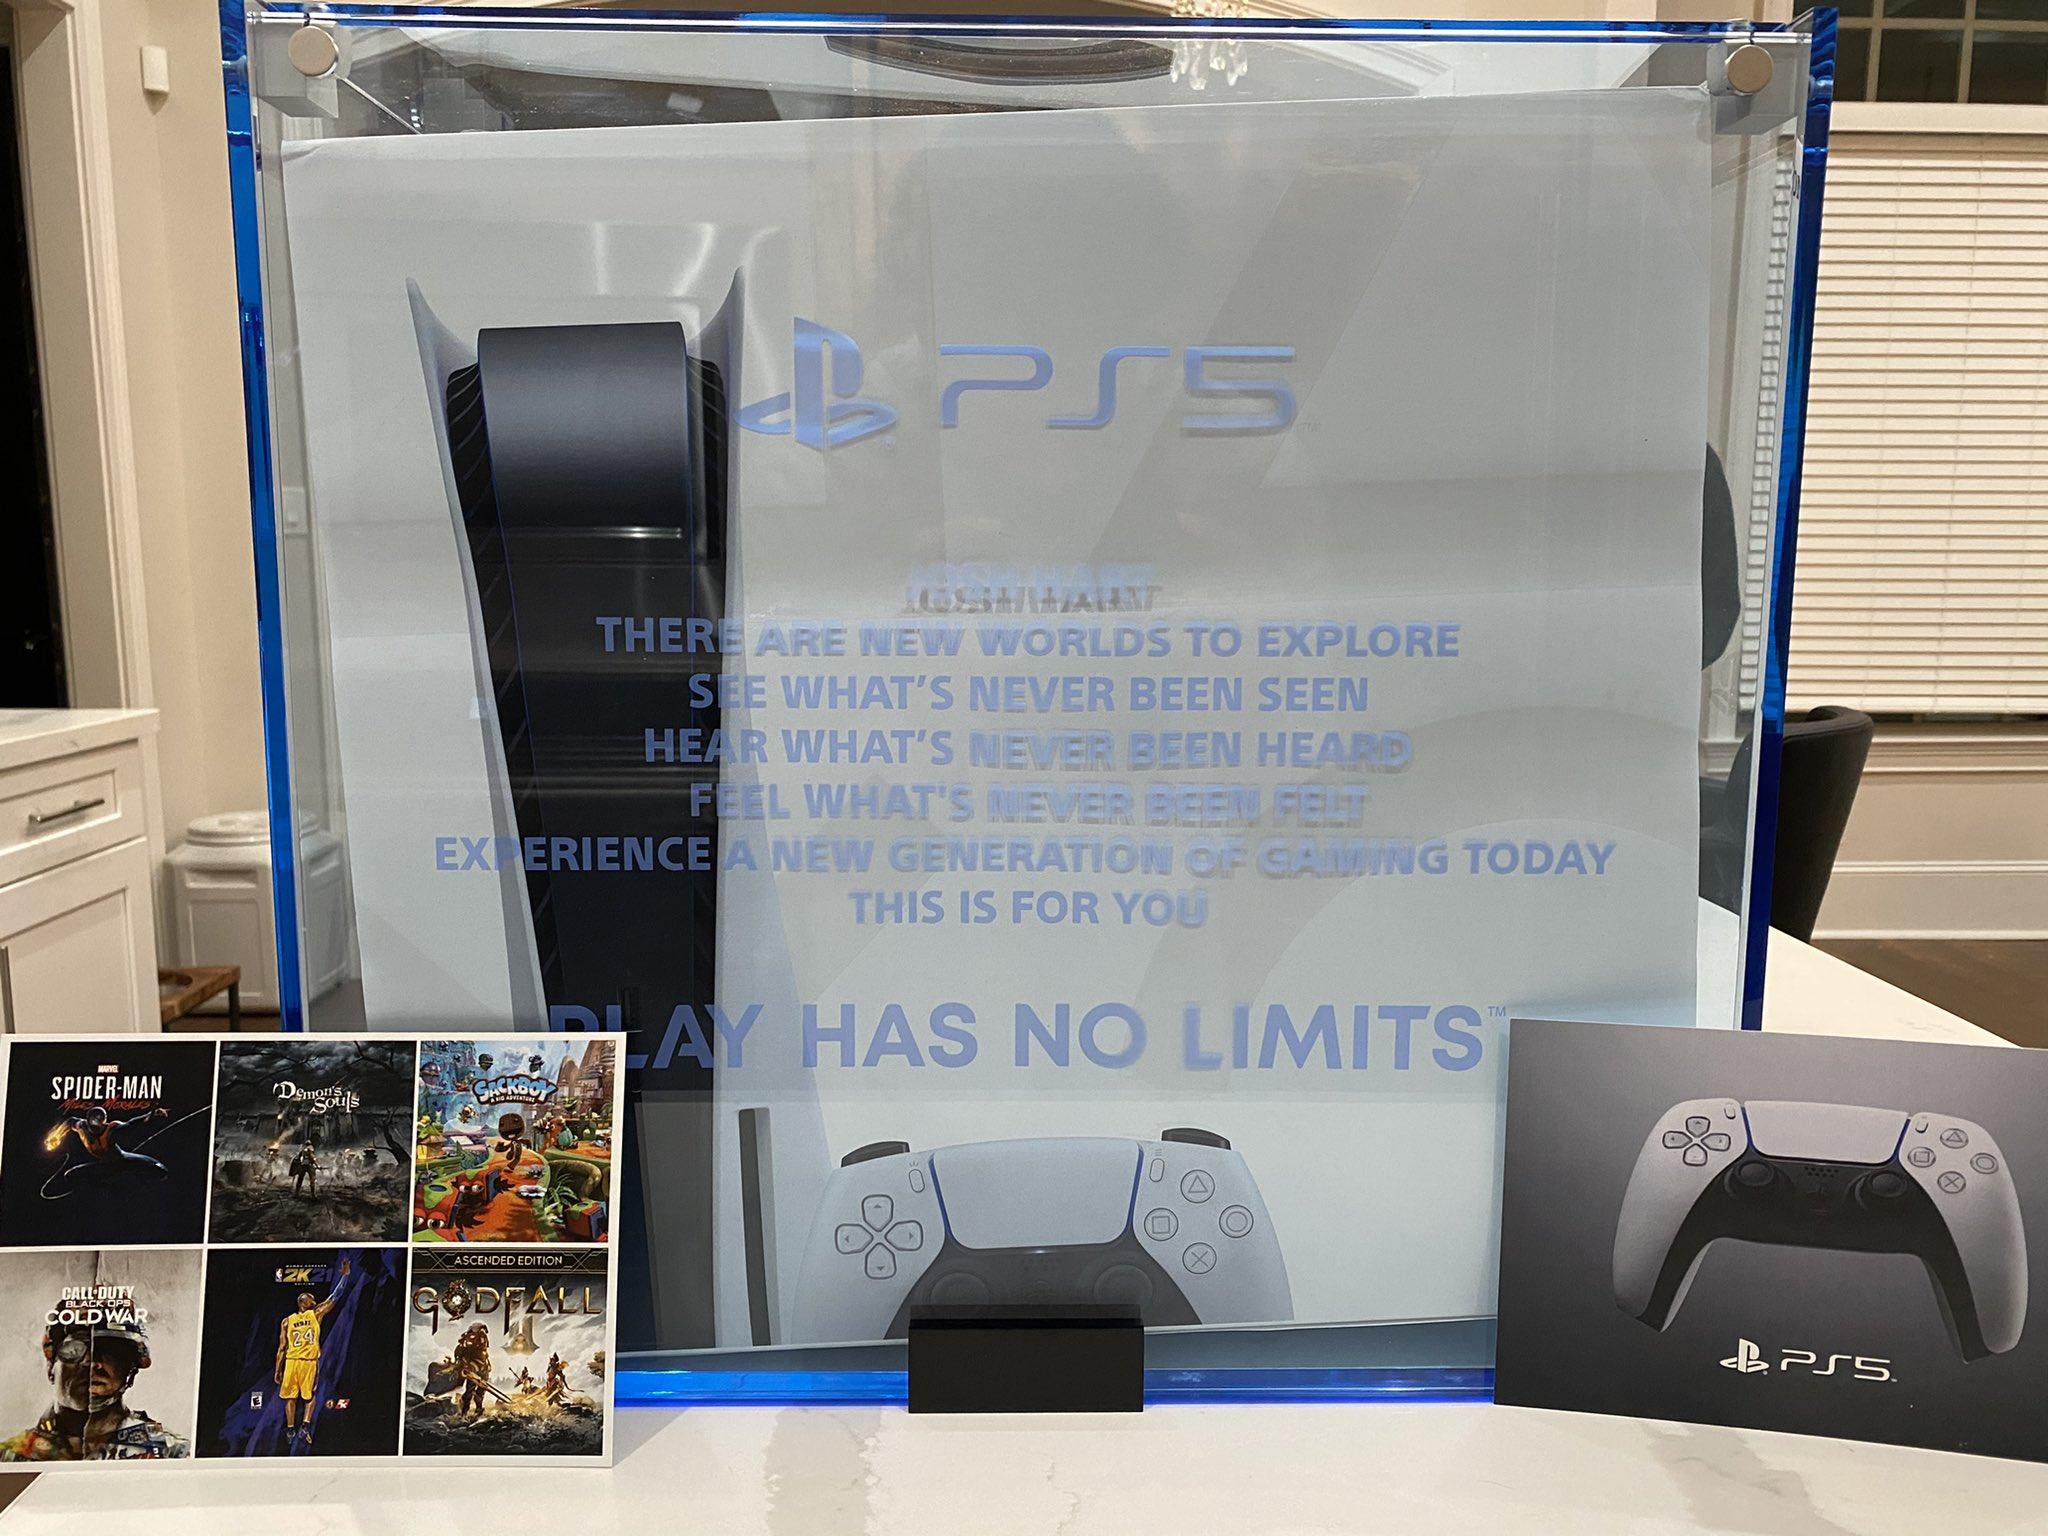 在线抽奖!哈特感恩节推特送出PS5游戏机